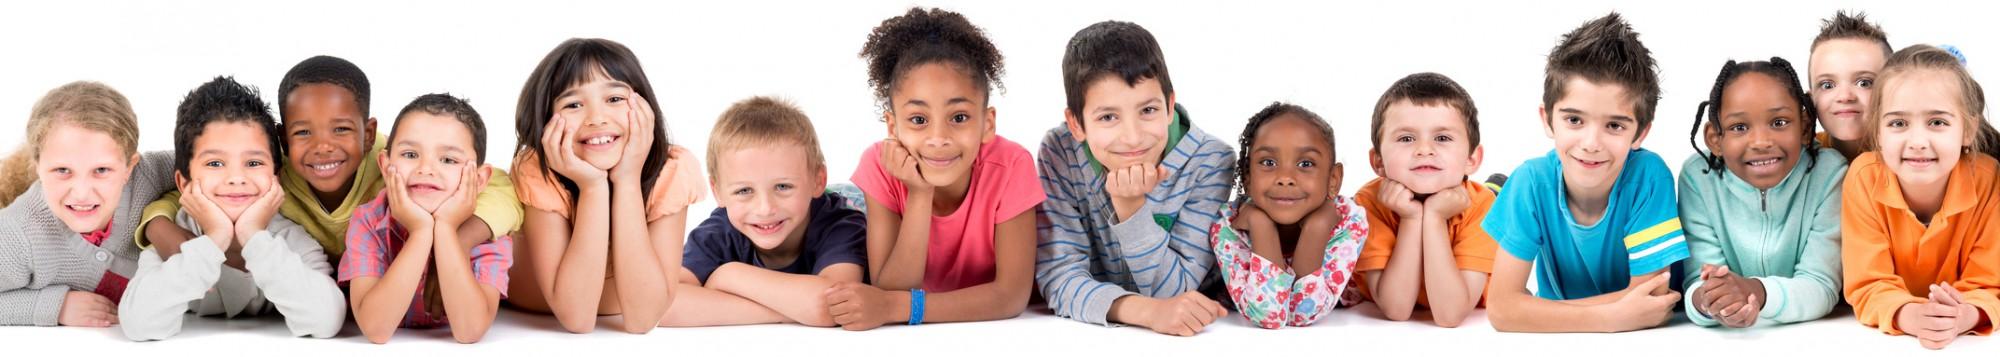 Kinder- und Jugendcoach Pro